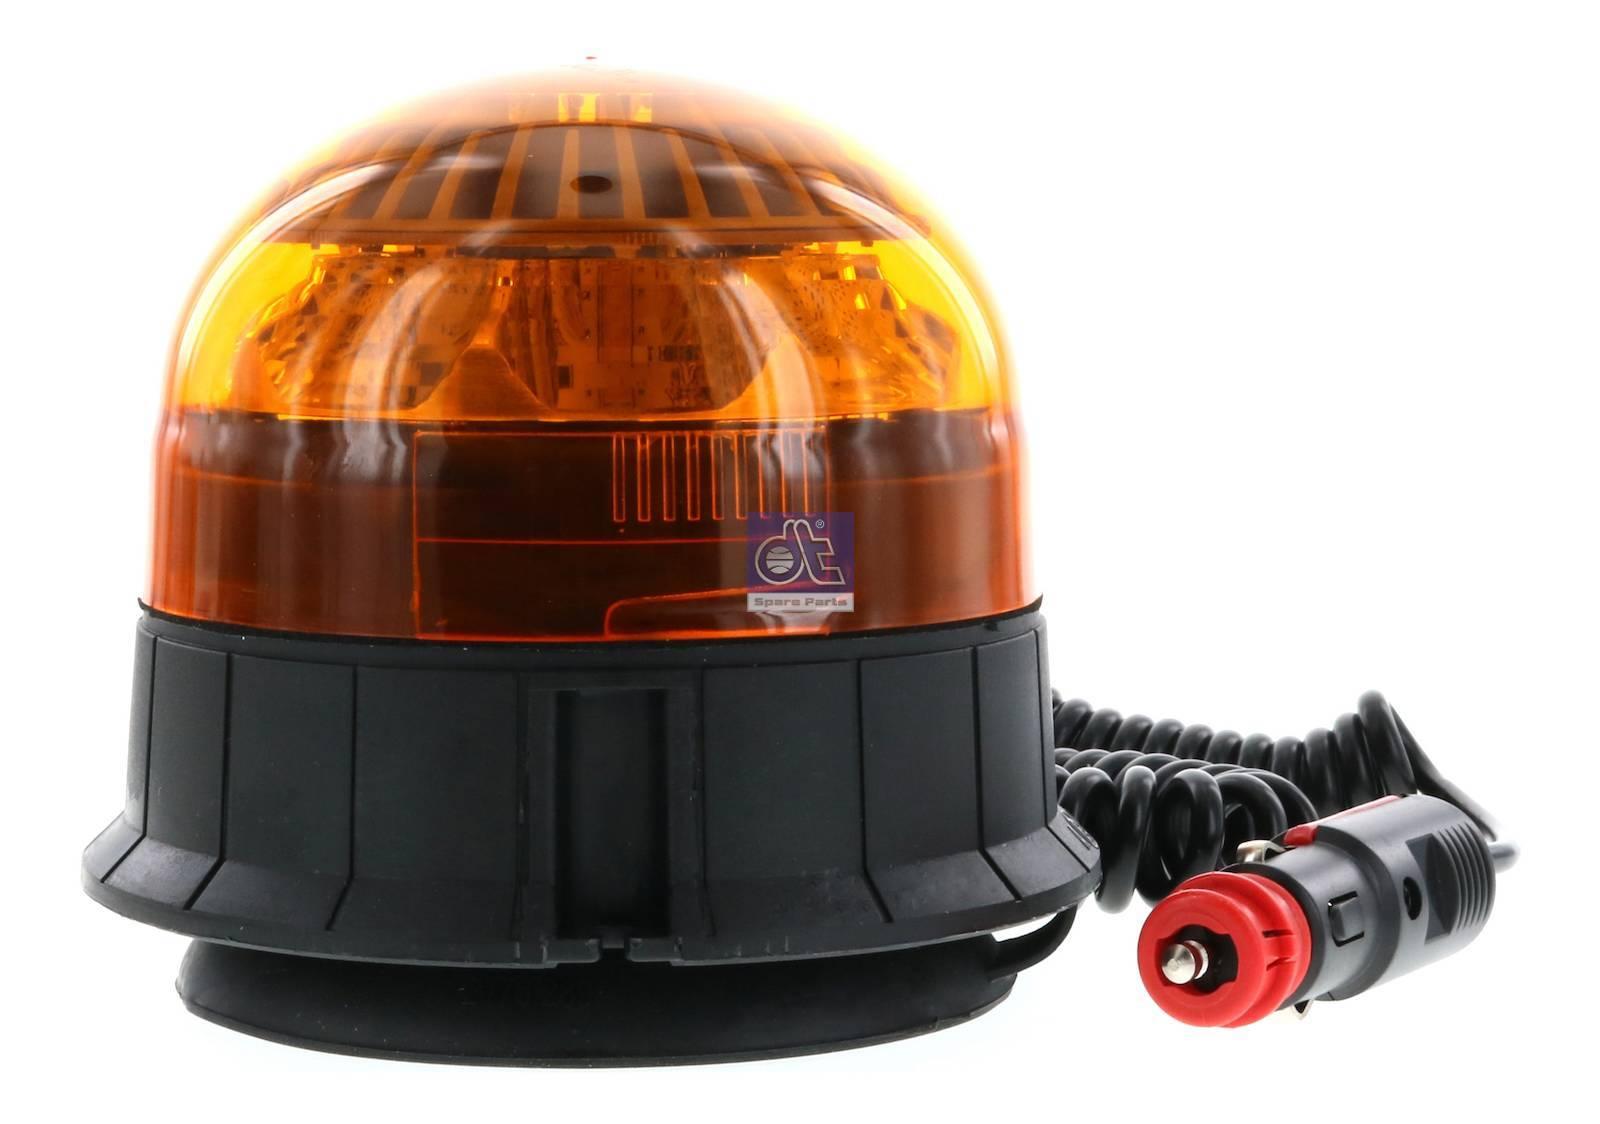 Luz omnidireccional, naranja, magnética